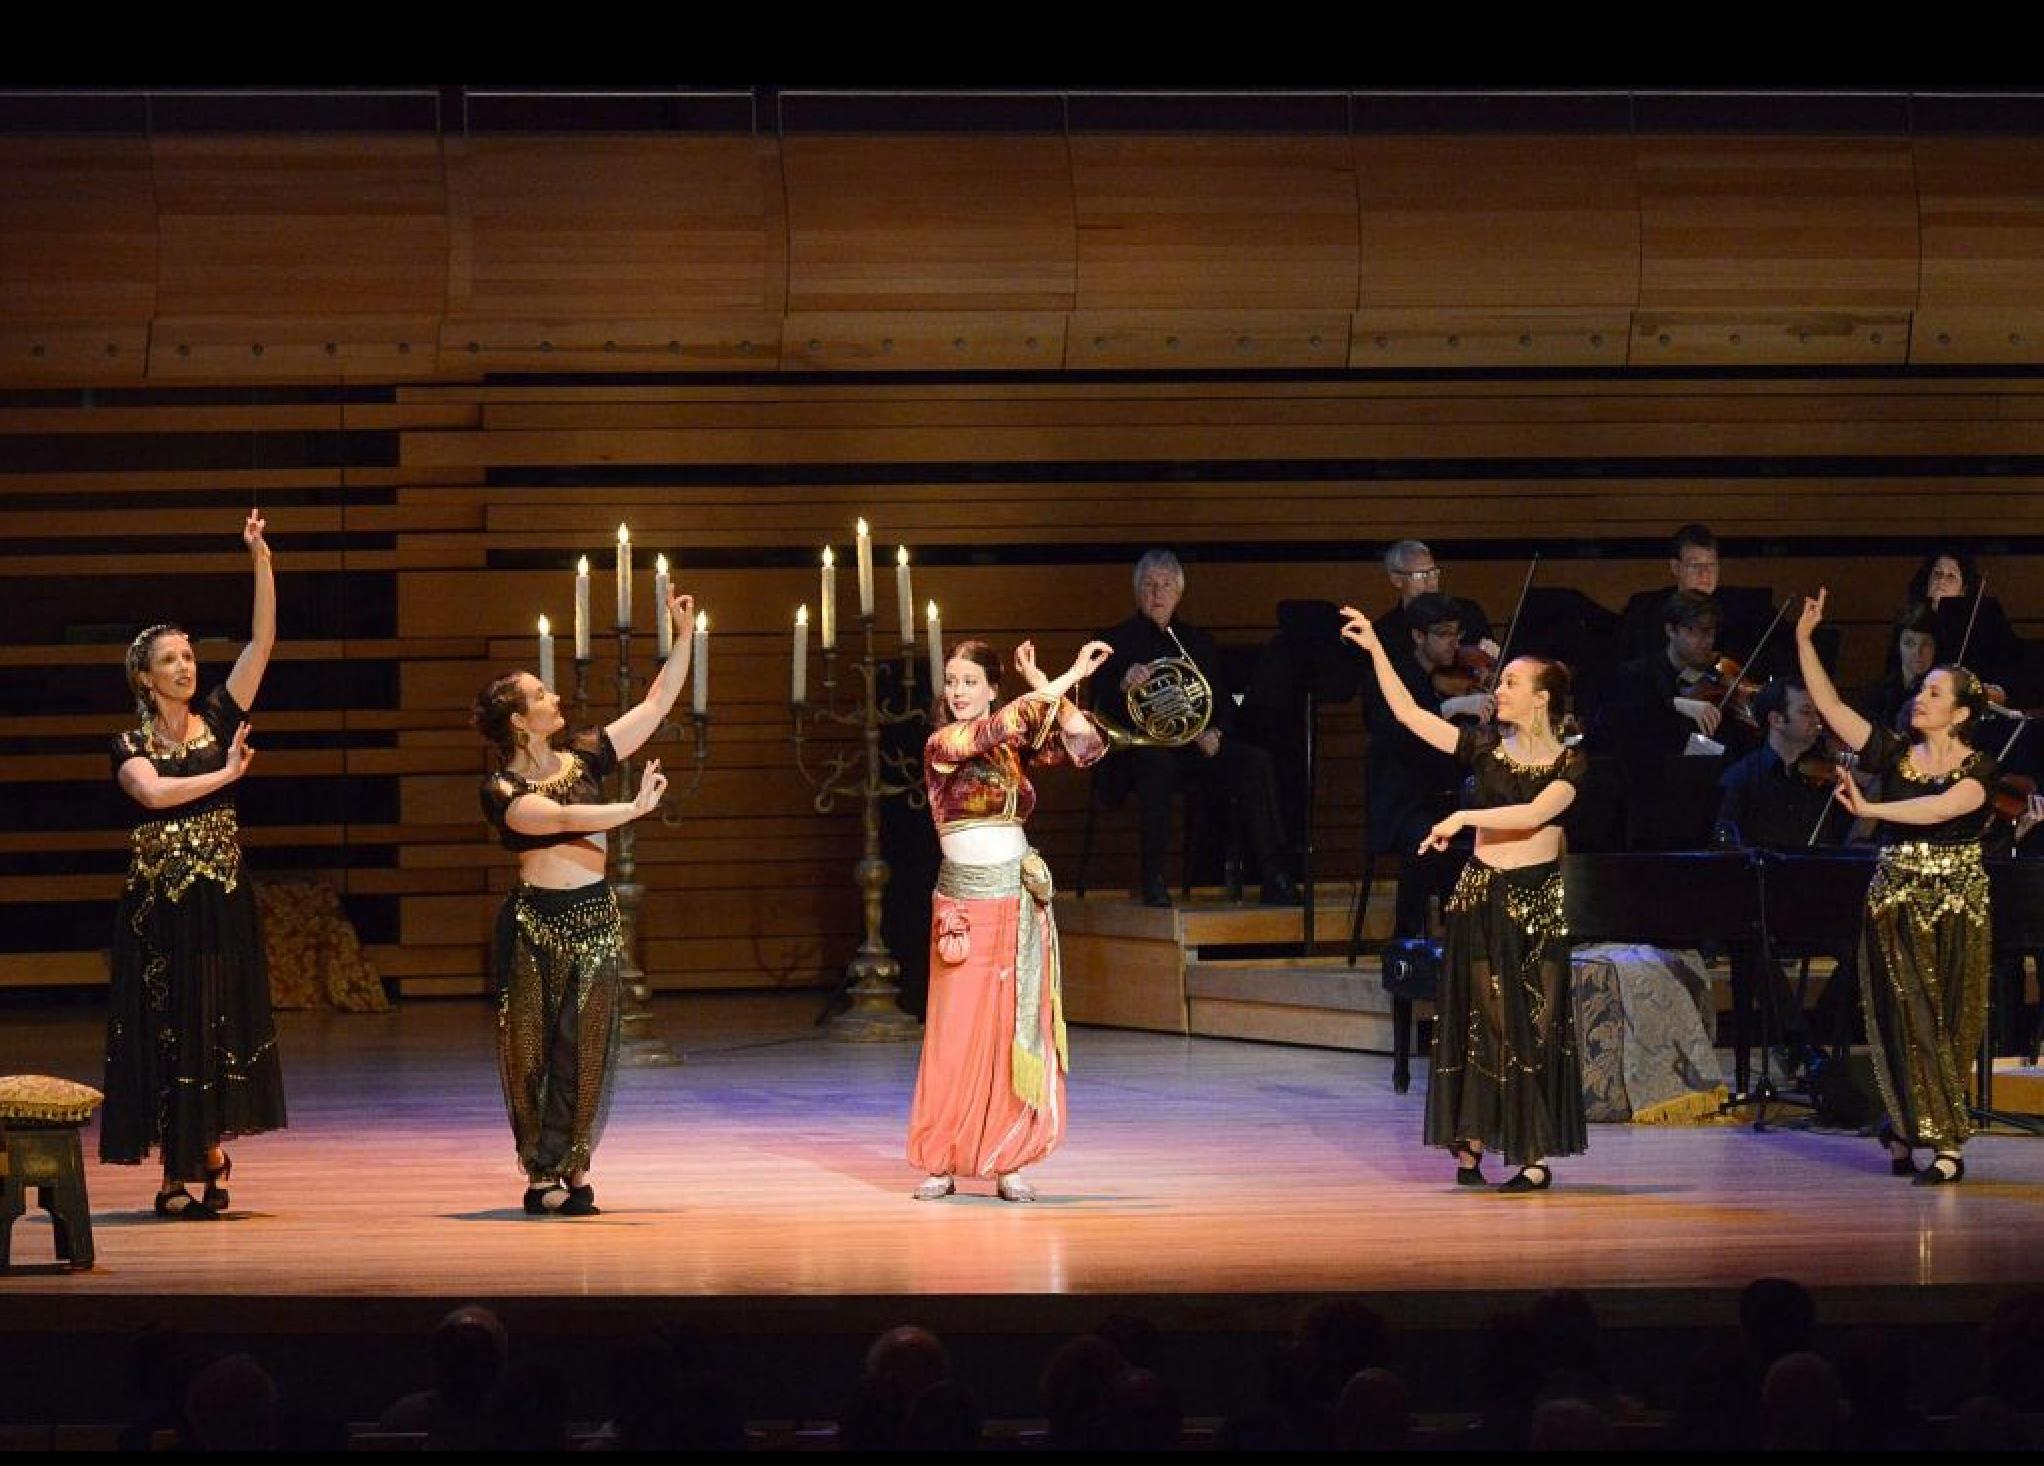 Zémire - Zémire et Azor - Atelier lyrique de l'Opéra de Montréal 2015 - Photo: Catherine Lefebvre